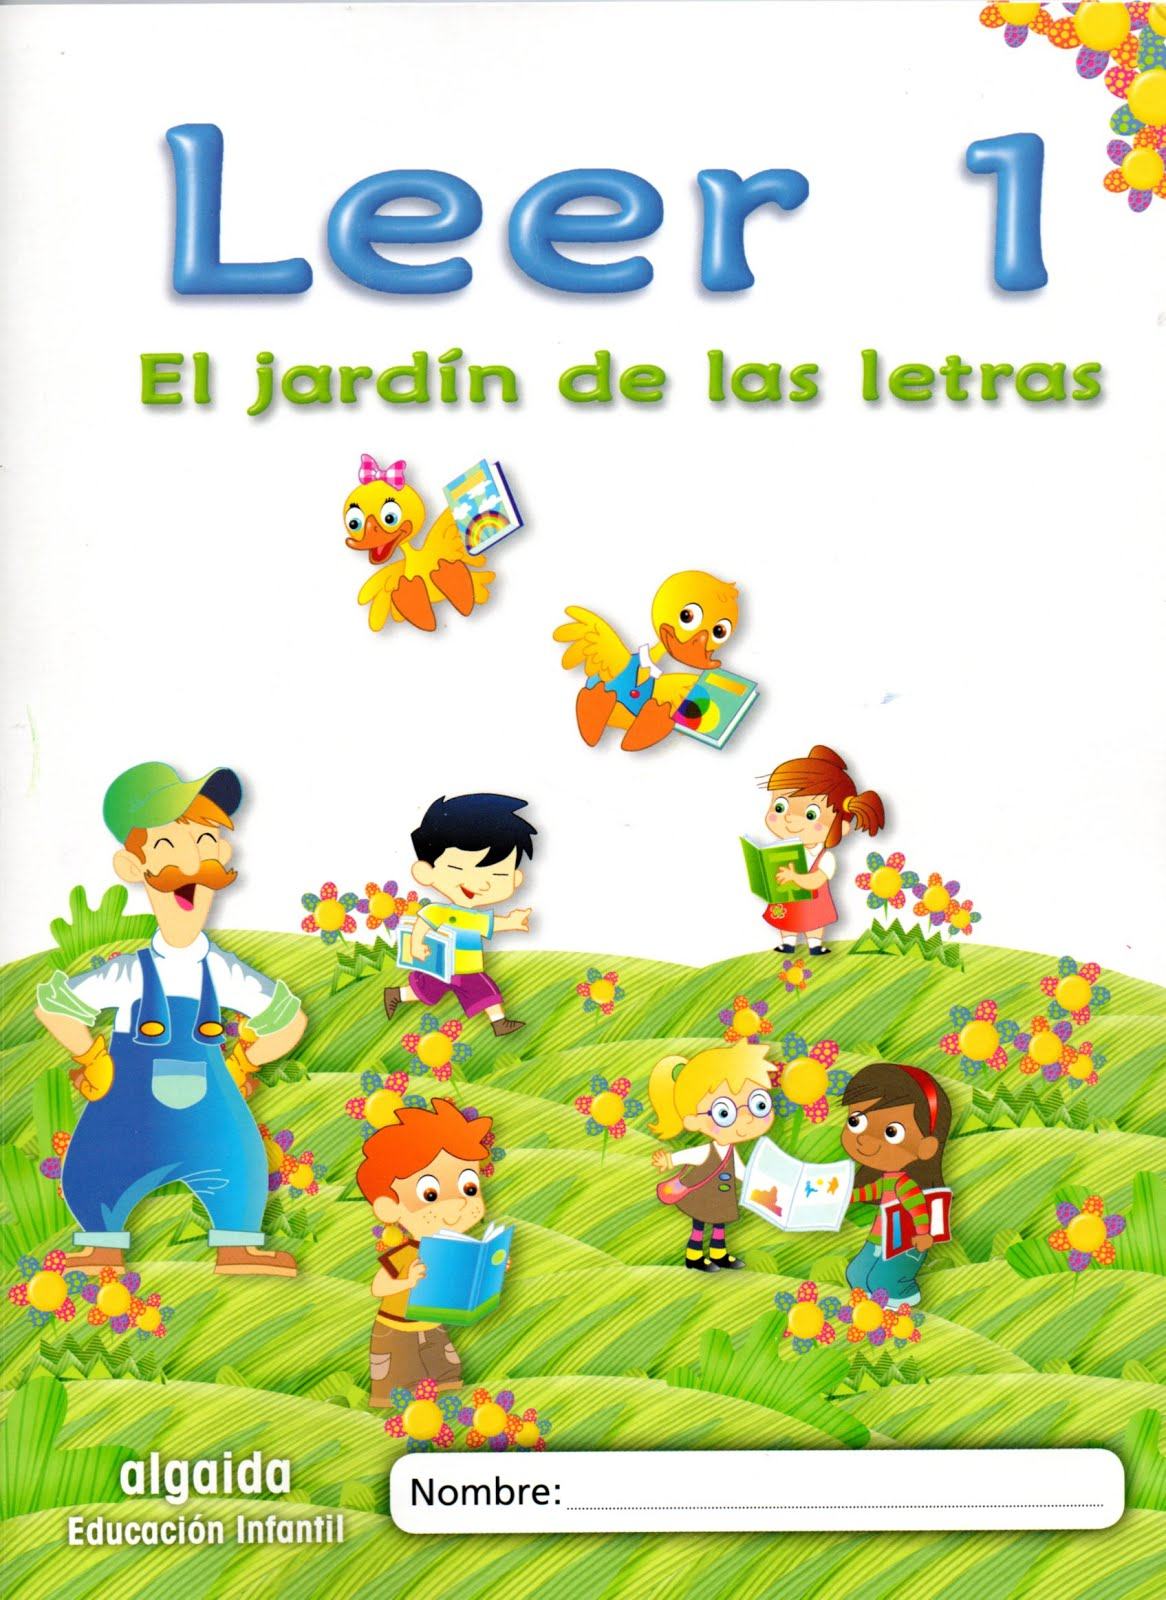 EL JARDÍN DE LAS LETRAS